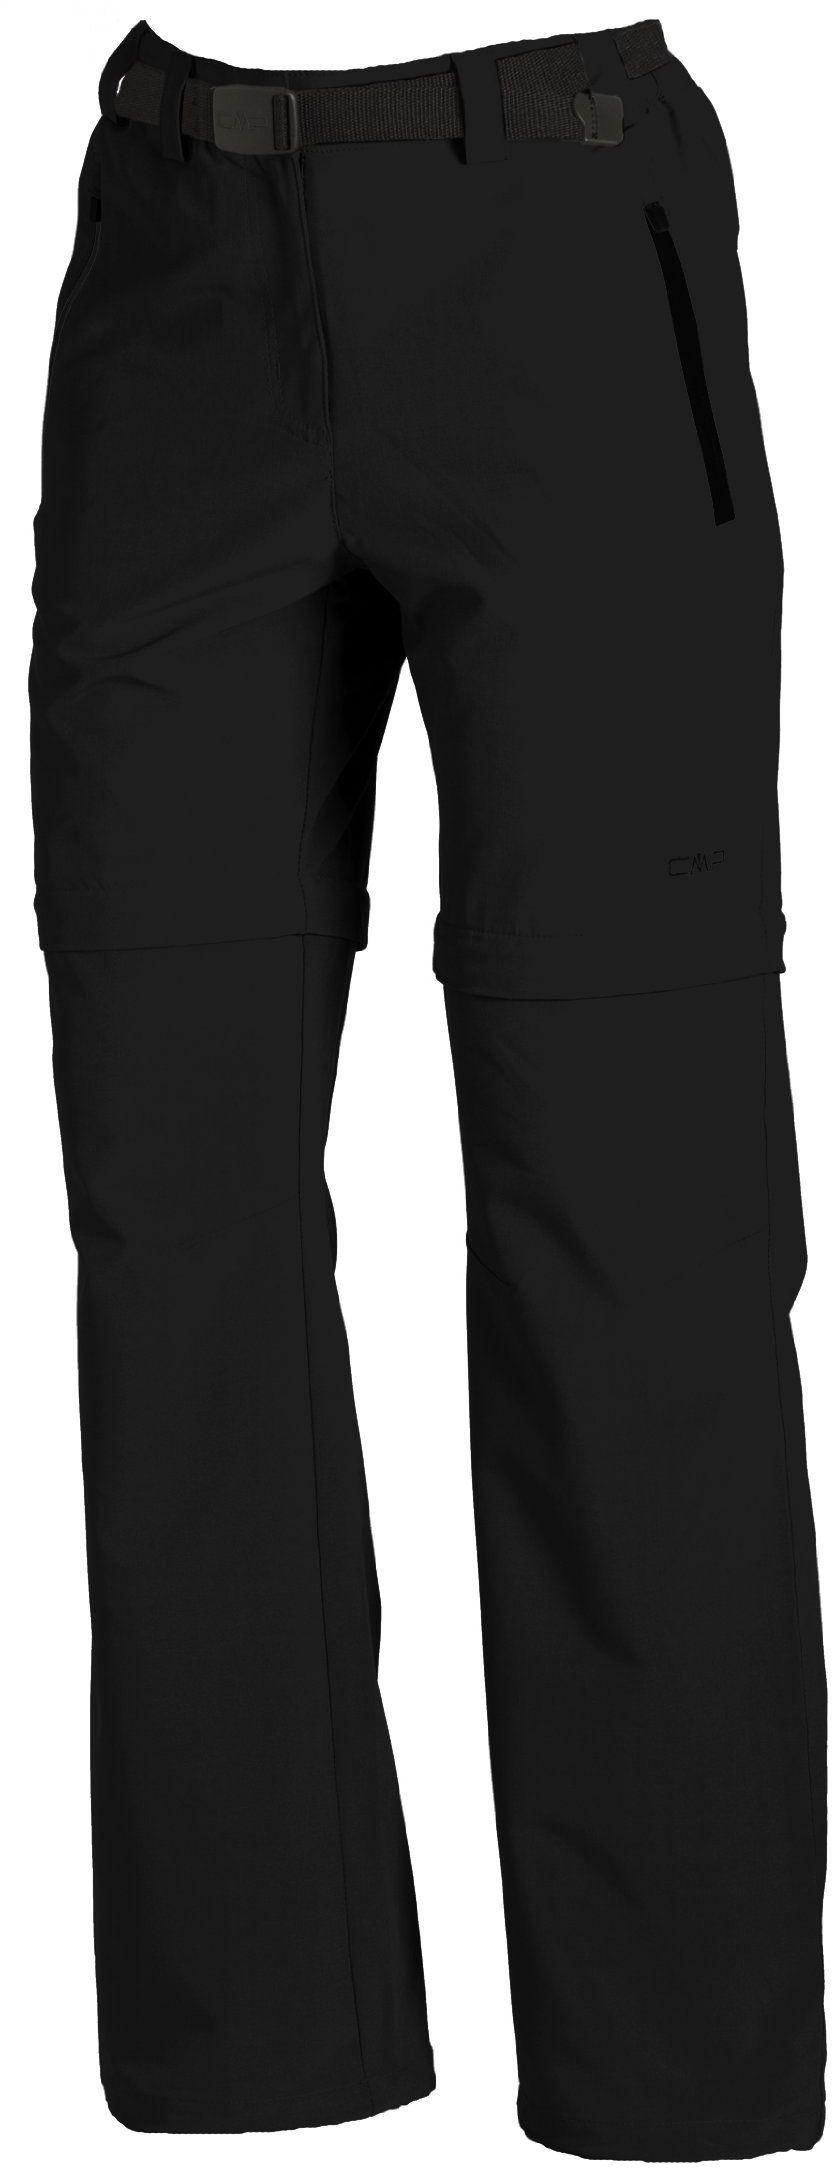 CMP Damskie spodnie z odpinanymi nogawkami czarny czarny 44